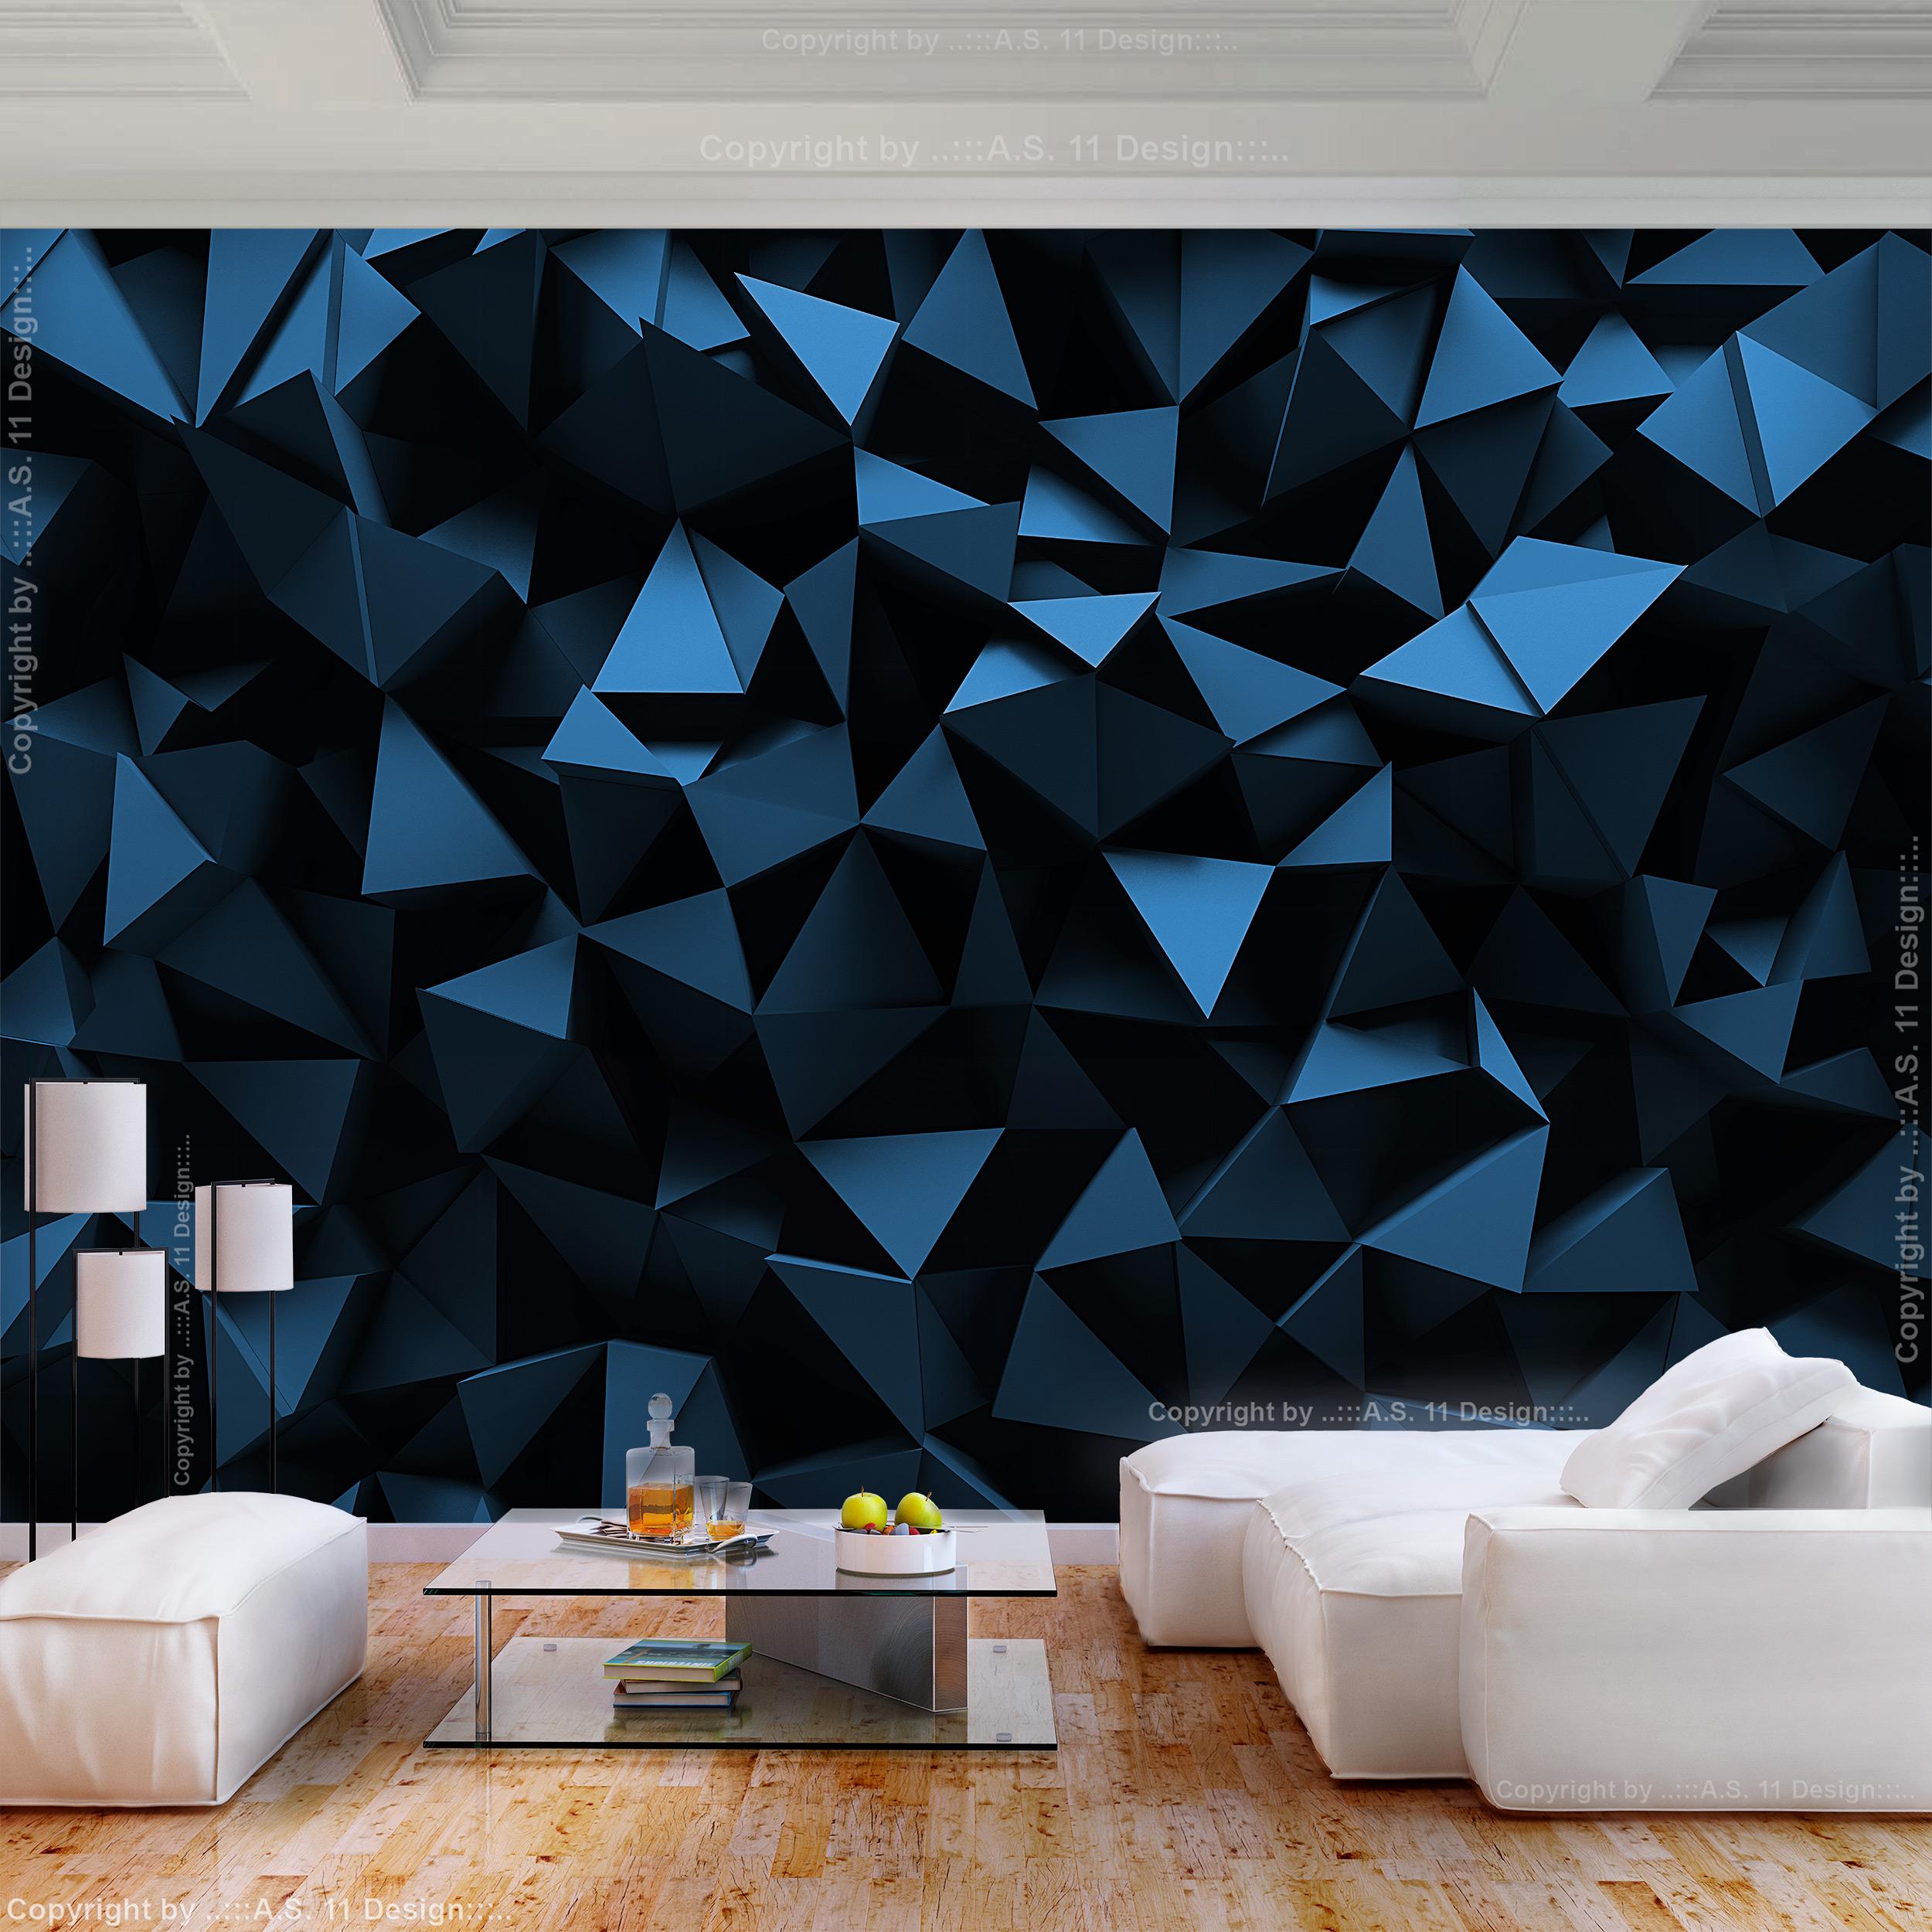 Vlies fototapete abstrakt schwarz steine 3d effekt tapete for Wandbilder wohnzimmer abstrakt